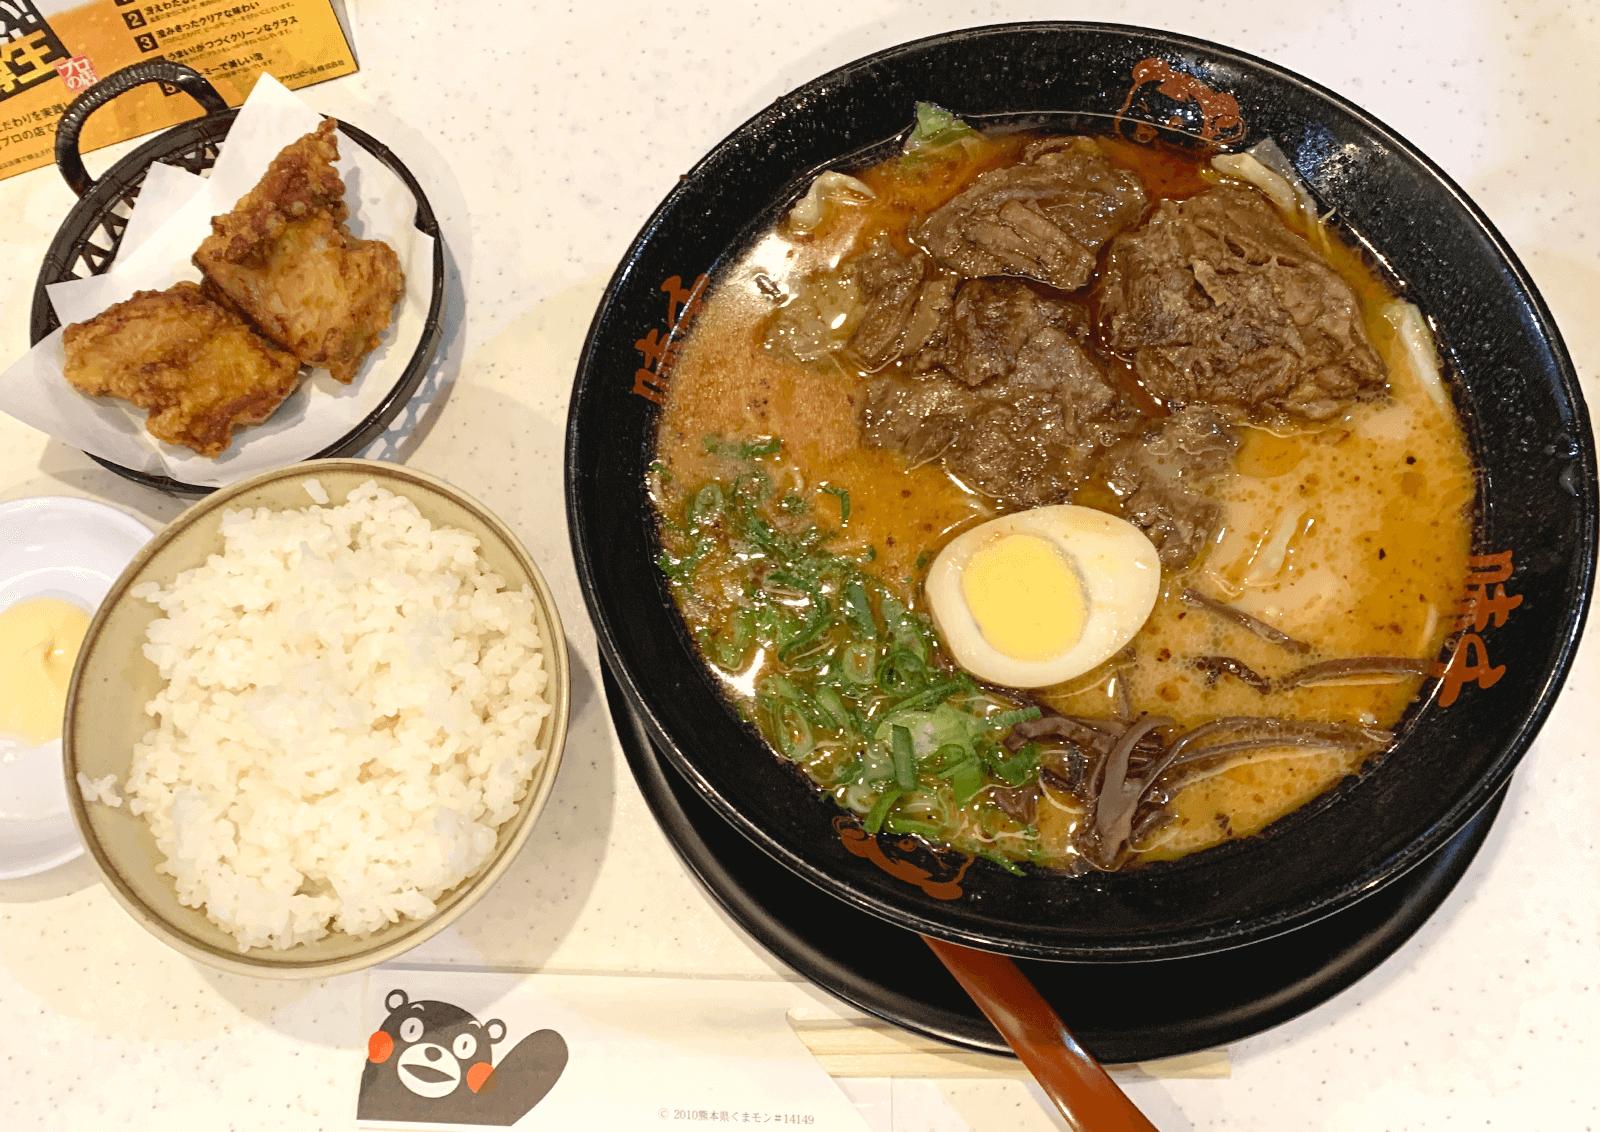 味千拉麺 新大阪店 パイクー麺 カラアゲセット